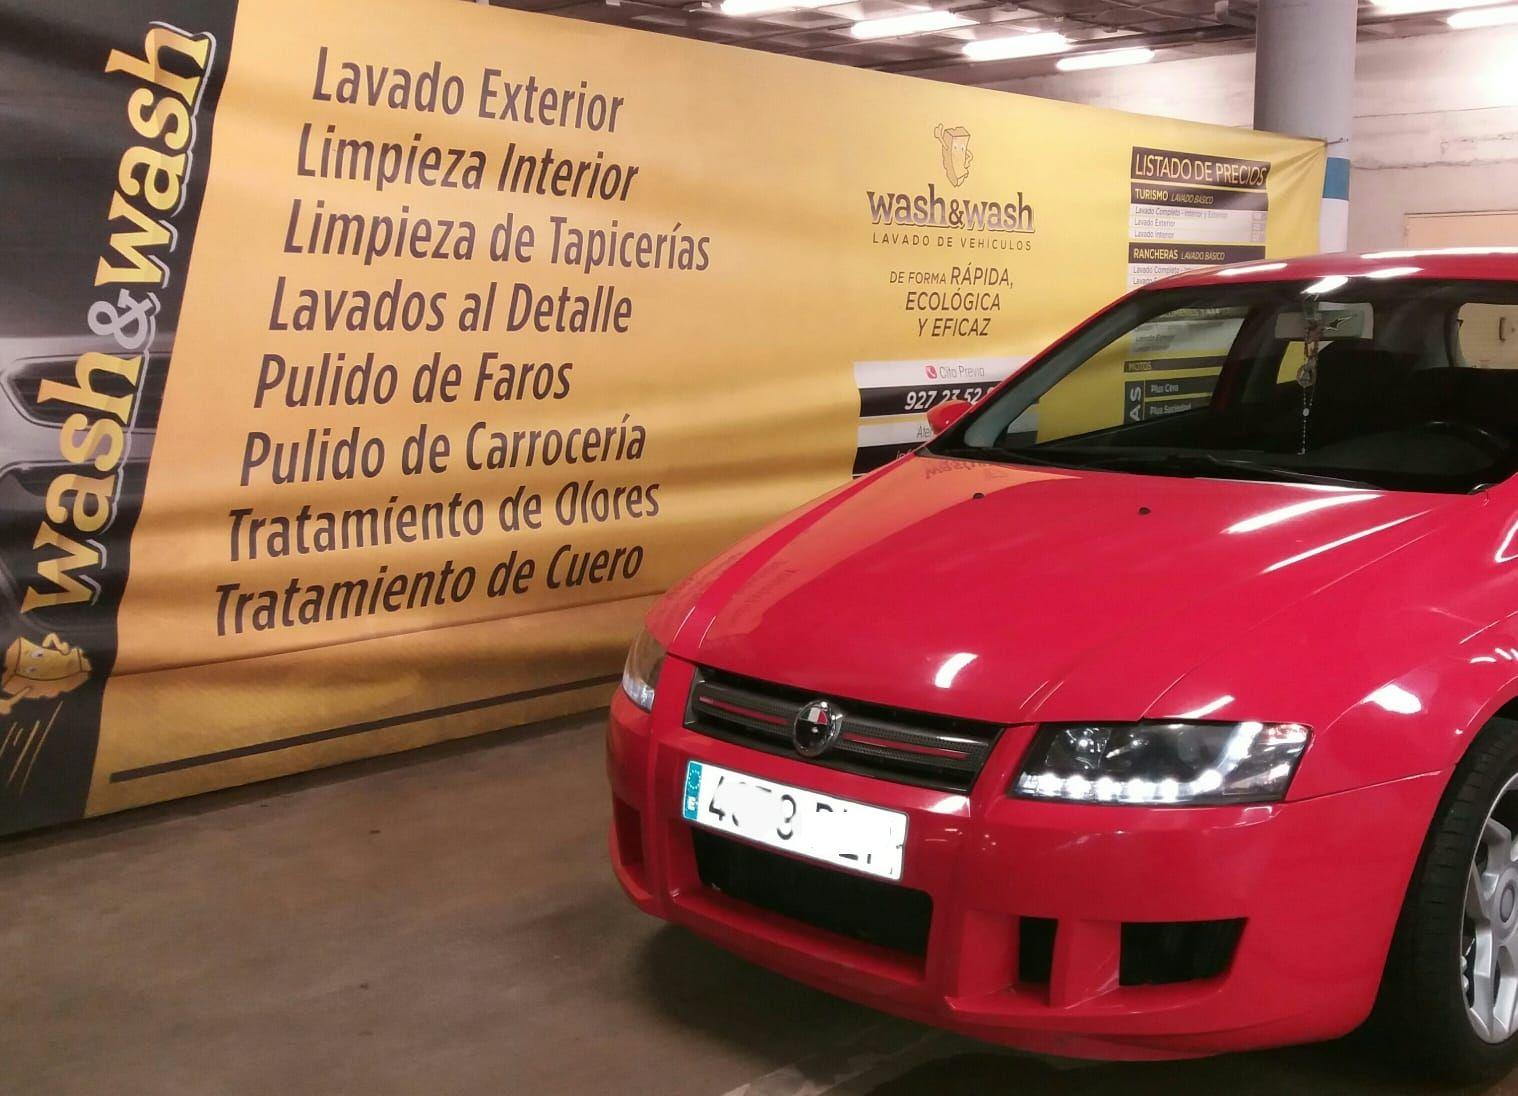 Limpieza de tapicerías: Servicios de Wash & Wash Cáceres